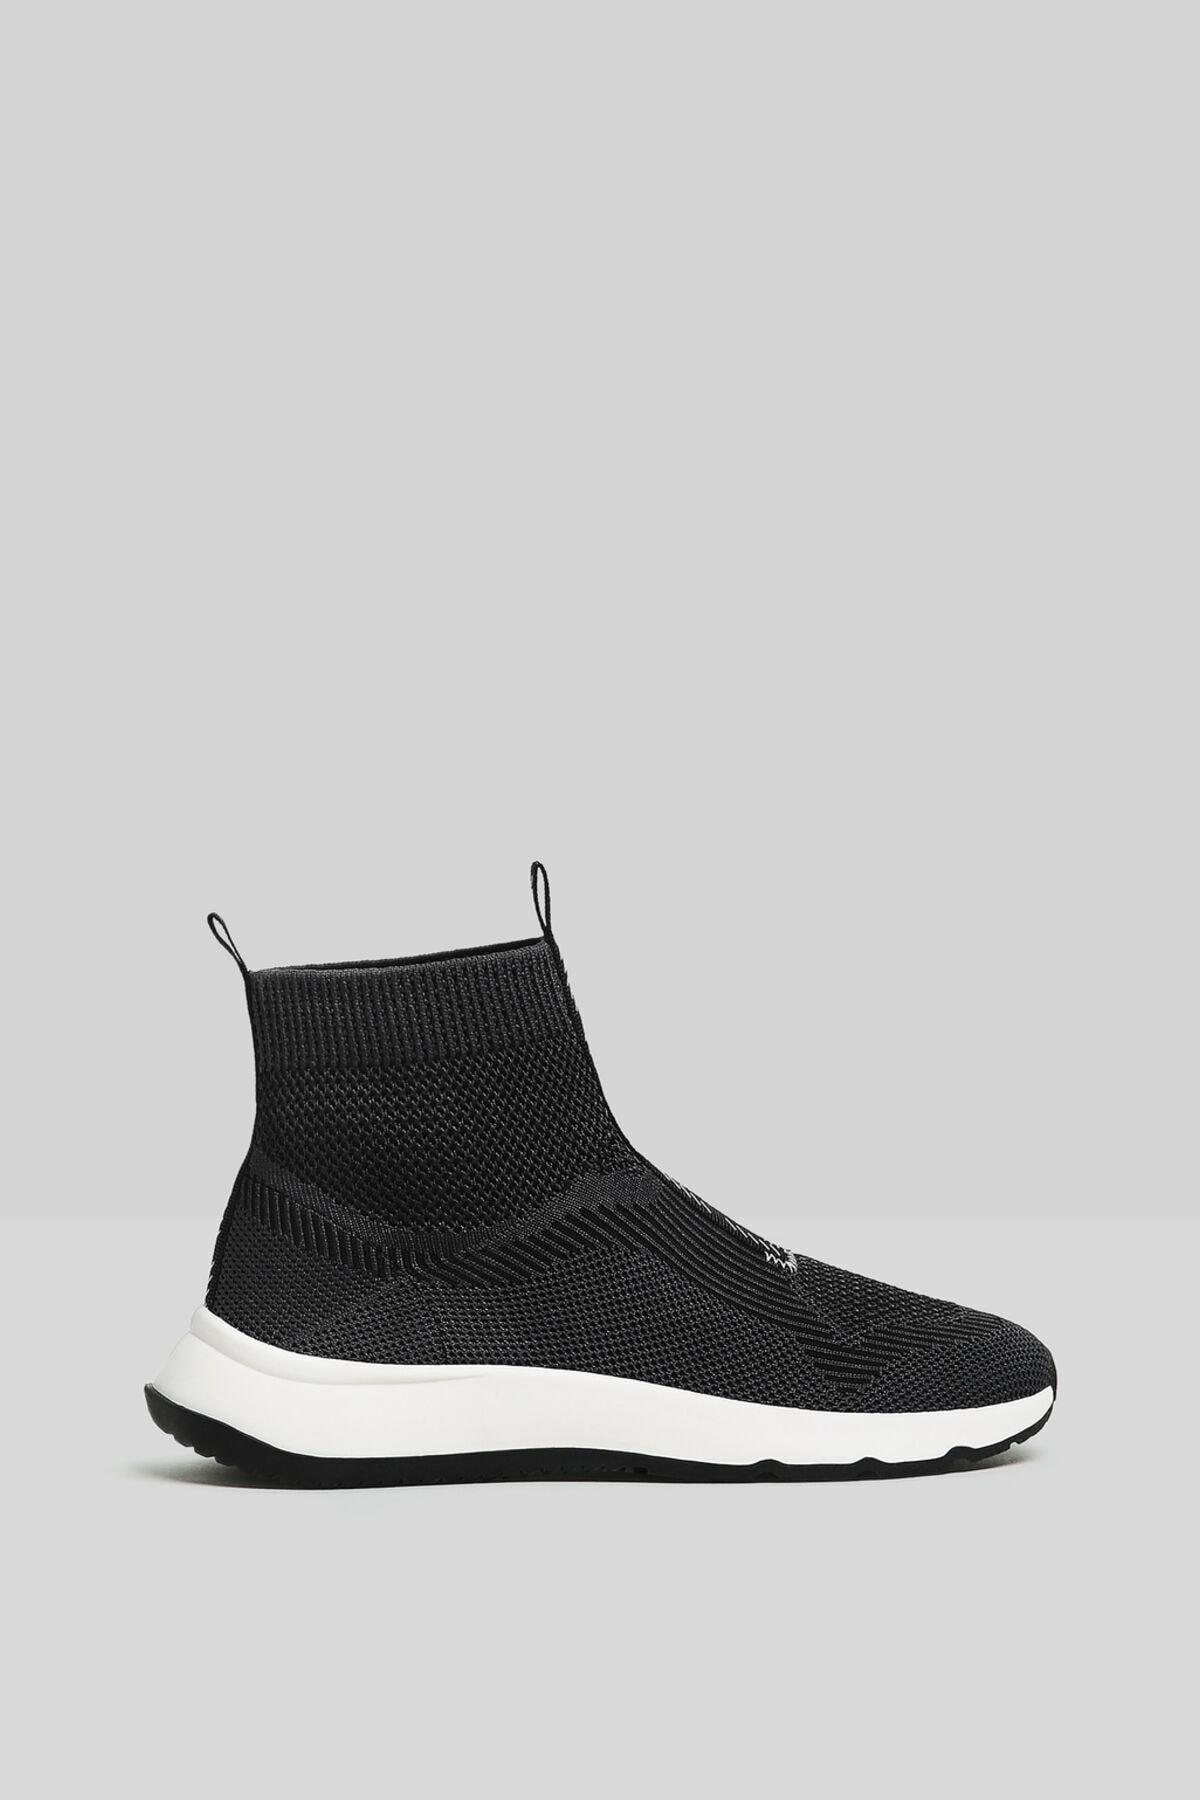 Bershka Kadın Siyah Çorap Model Örgü Yüksek Bilekli Spor Ayakkabı 11510760 0